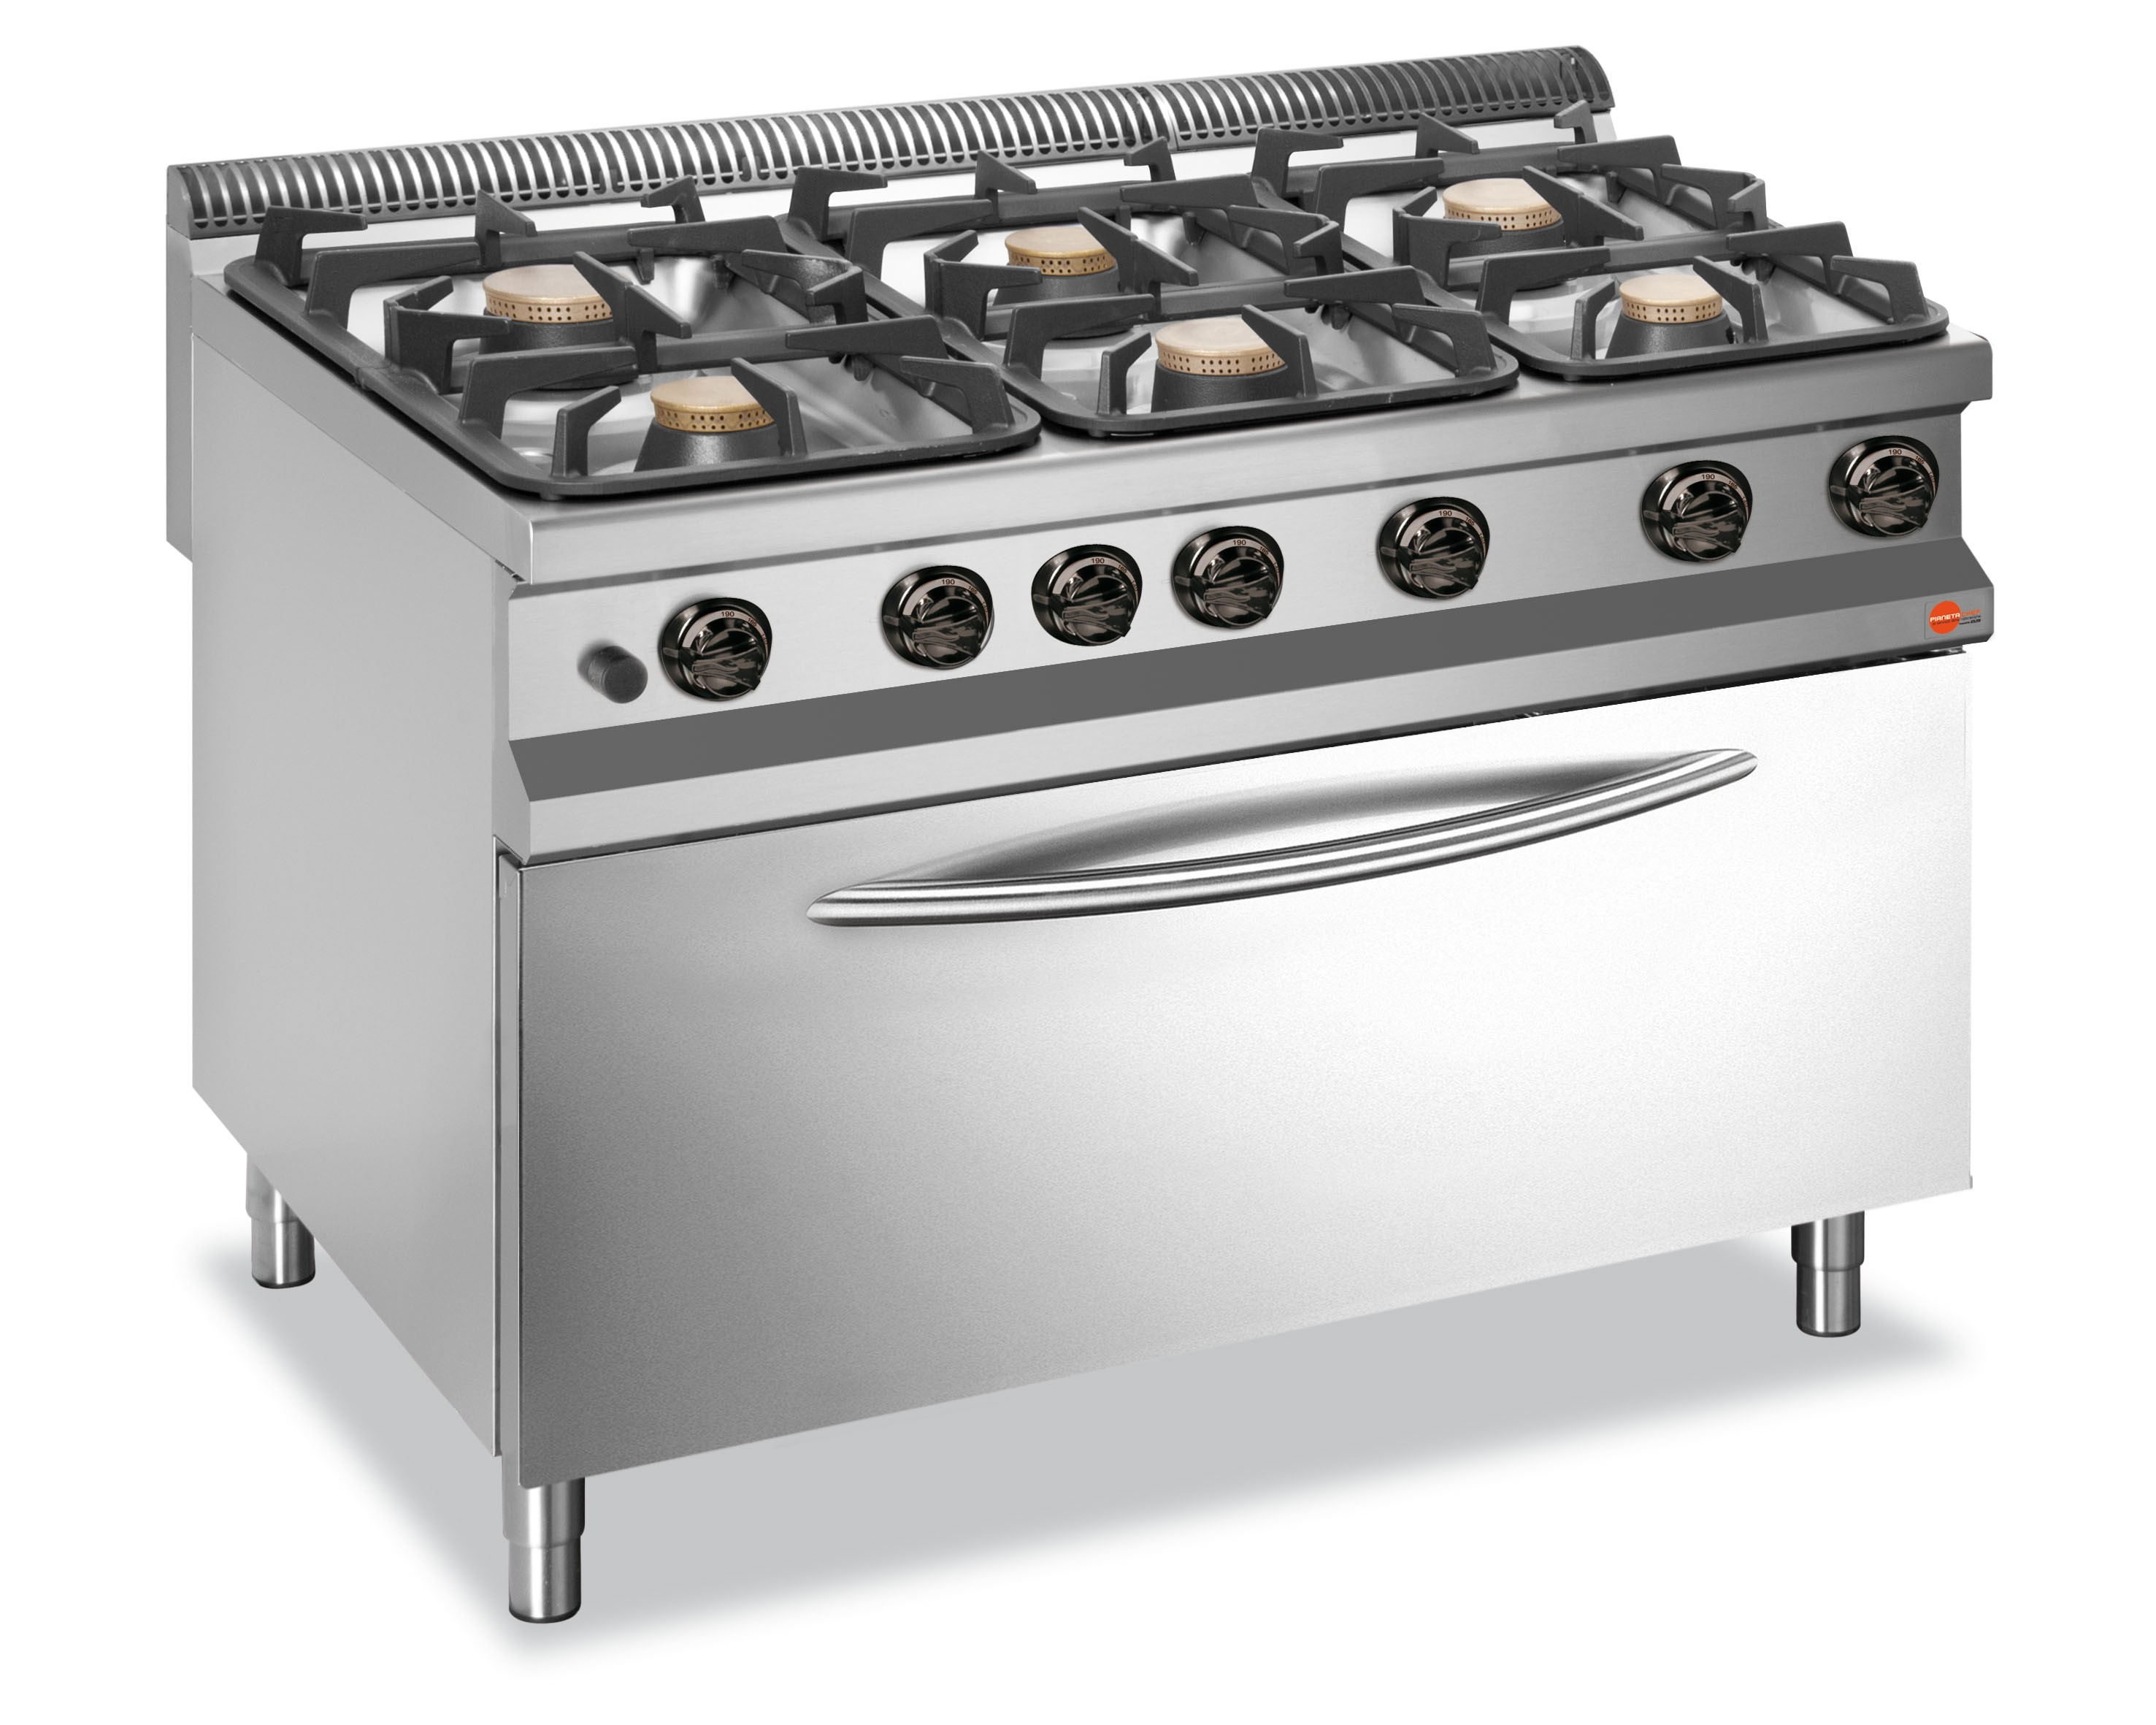 Cucina A Gas 6 Fuochi Con Forno Maxi A Gas Interamente In Accia